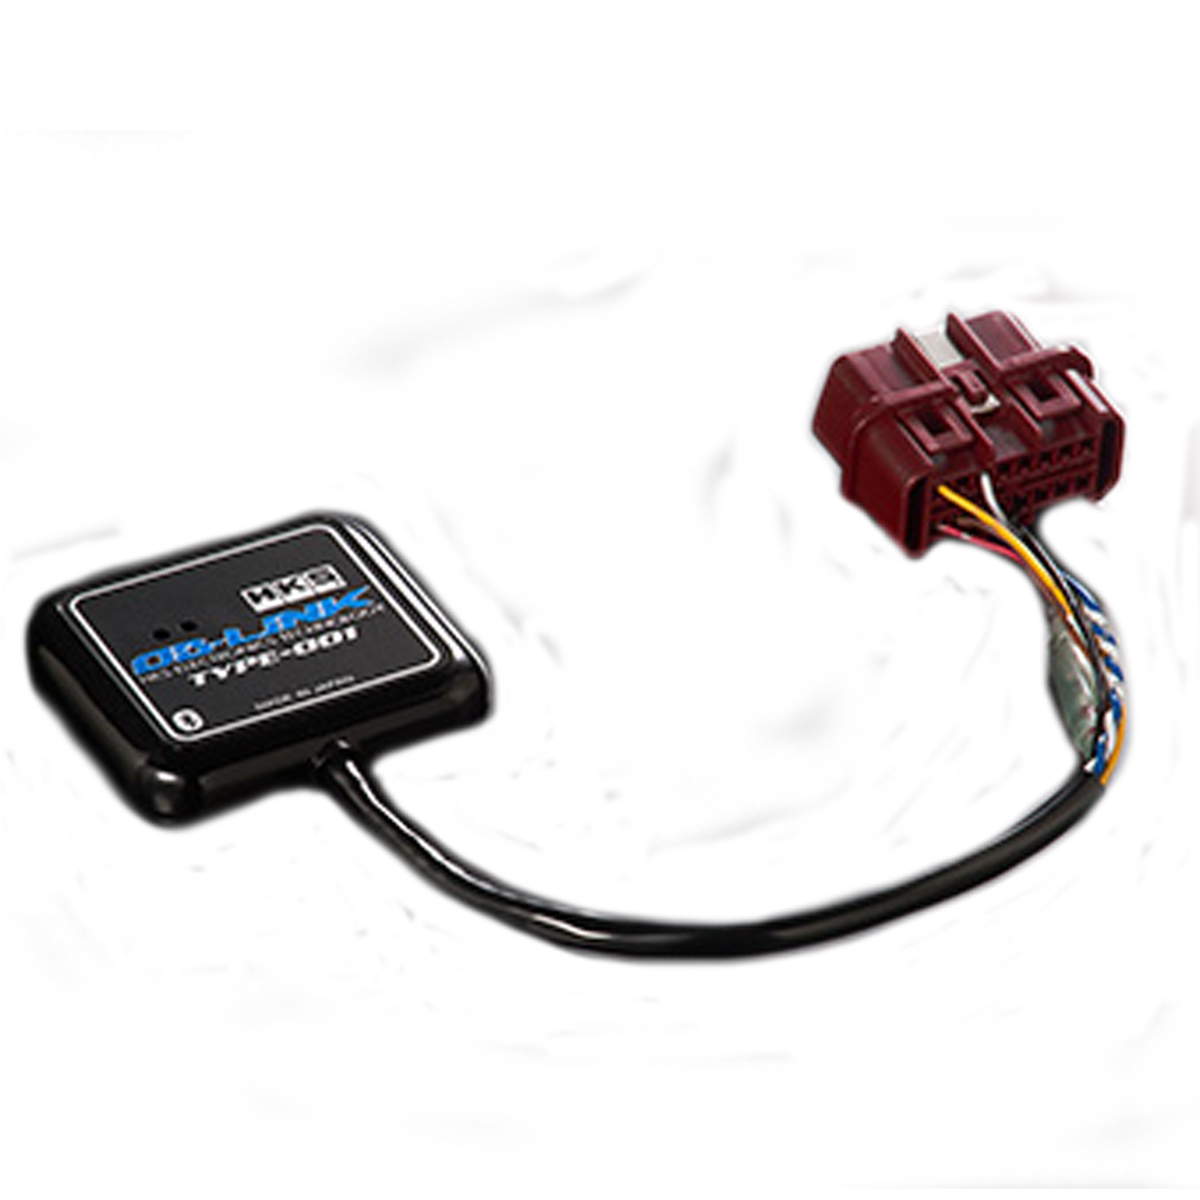 ヴェロッサ モニター OBリンク タイプ 001 JZX110 HKS 44009-AK002 エレクトリニクス 個人宅発送追金有